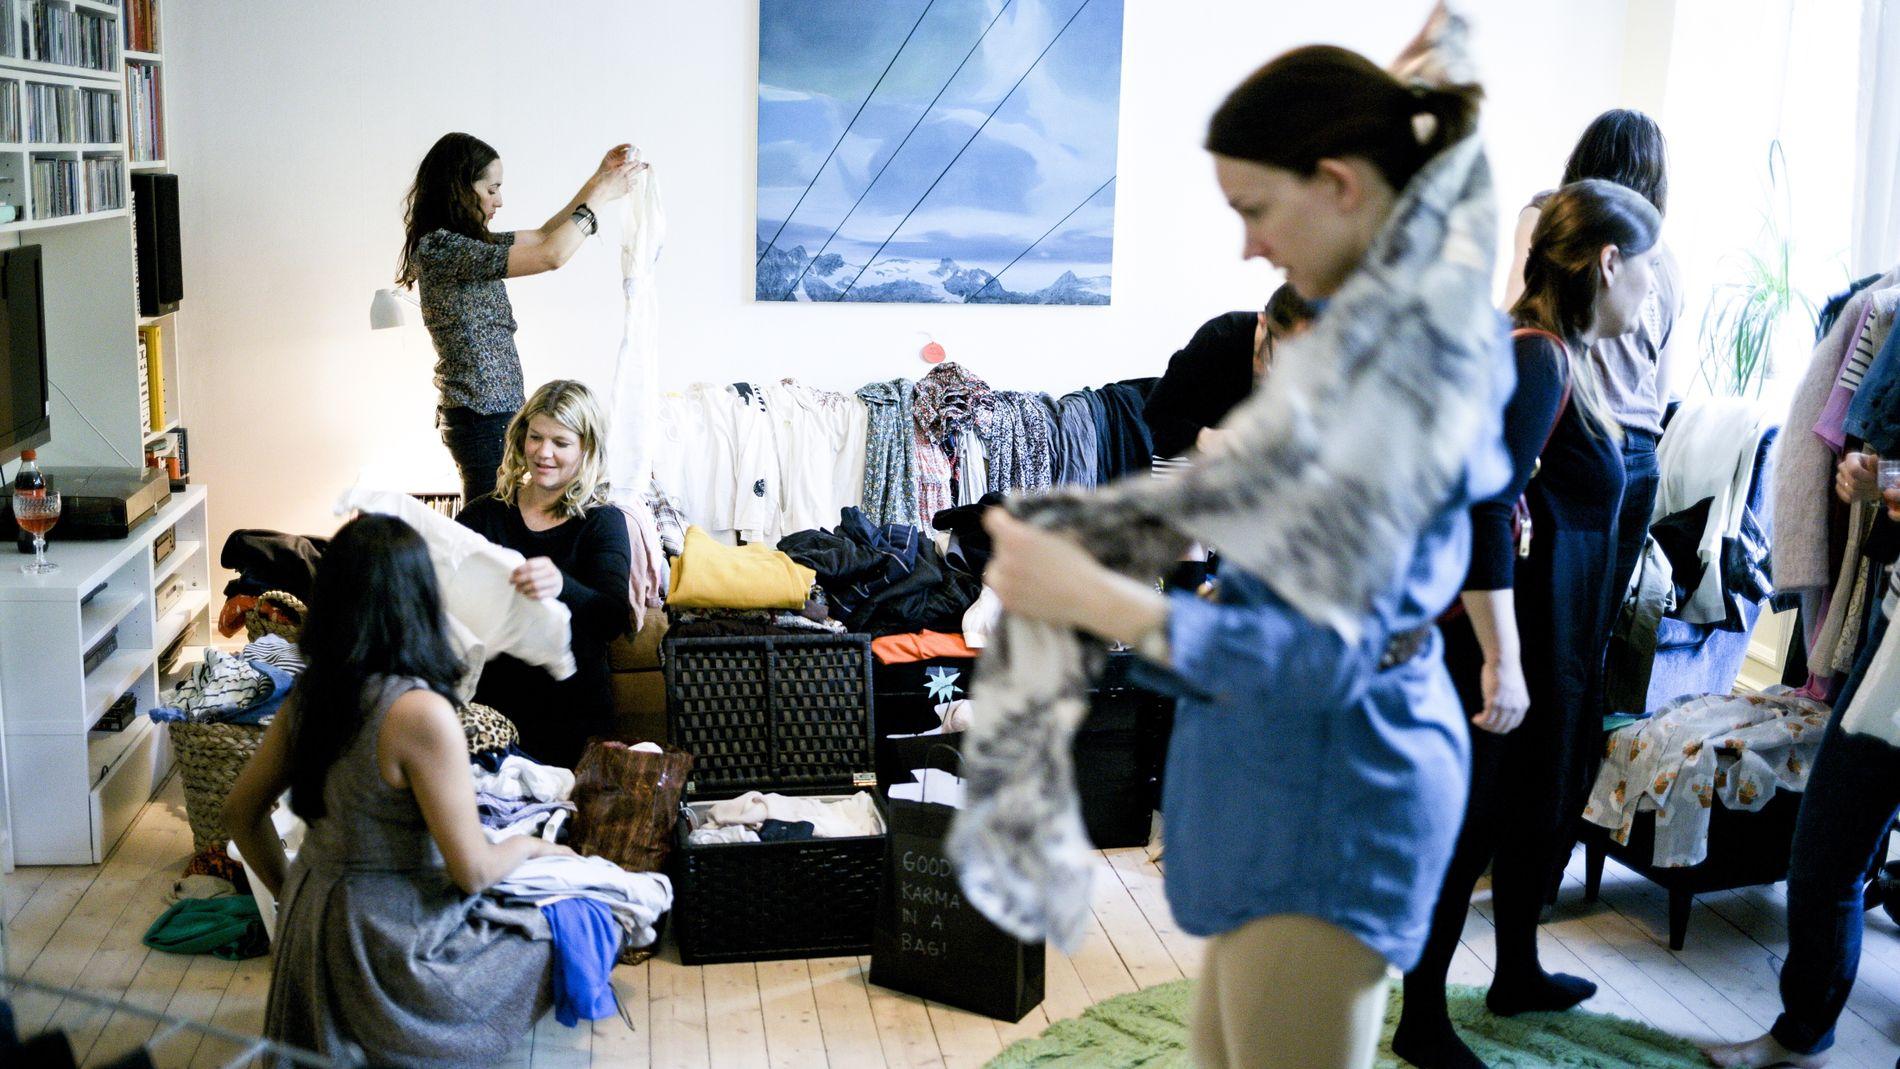 9d5f6a7e Forbrukerside kritisk til shoppeglade nordmenn: - Gi opp ...